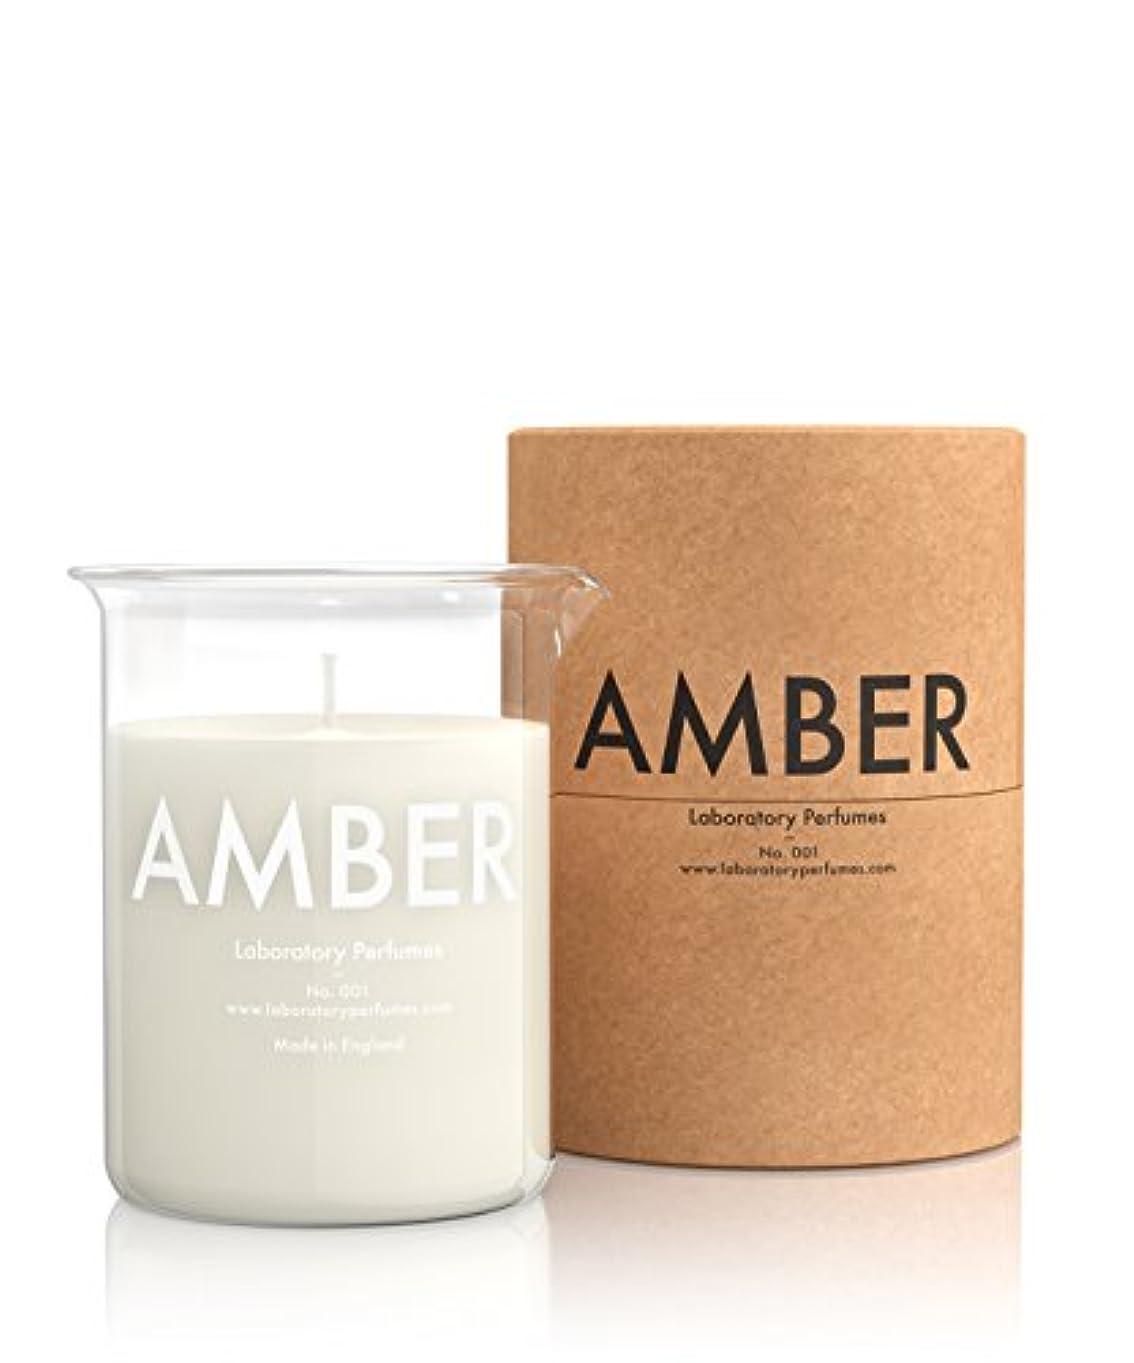 反射テントフィードオンLabortory Perfumes キャンドル アンバー Amber (フローラルウッディー Floral Woody) Candle ラボラトリー パフューム